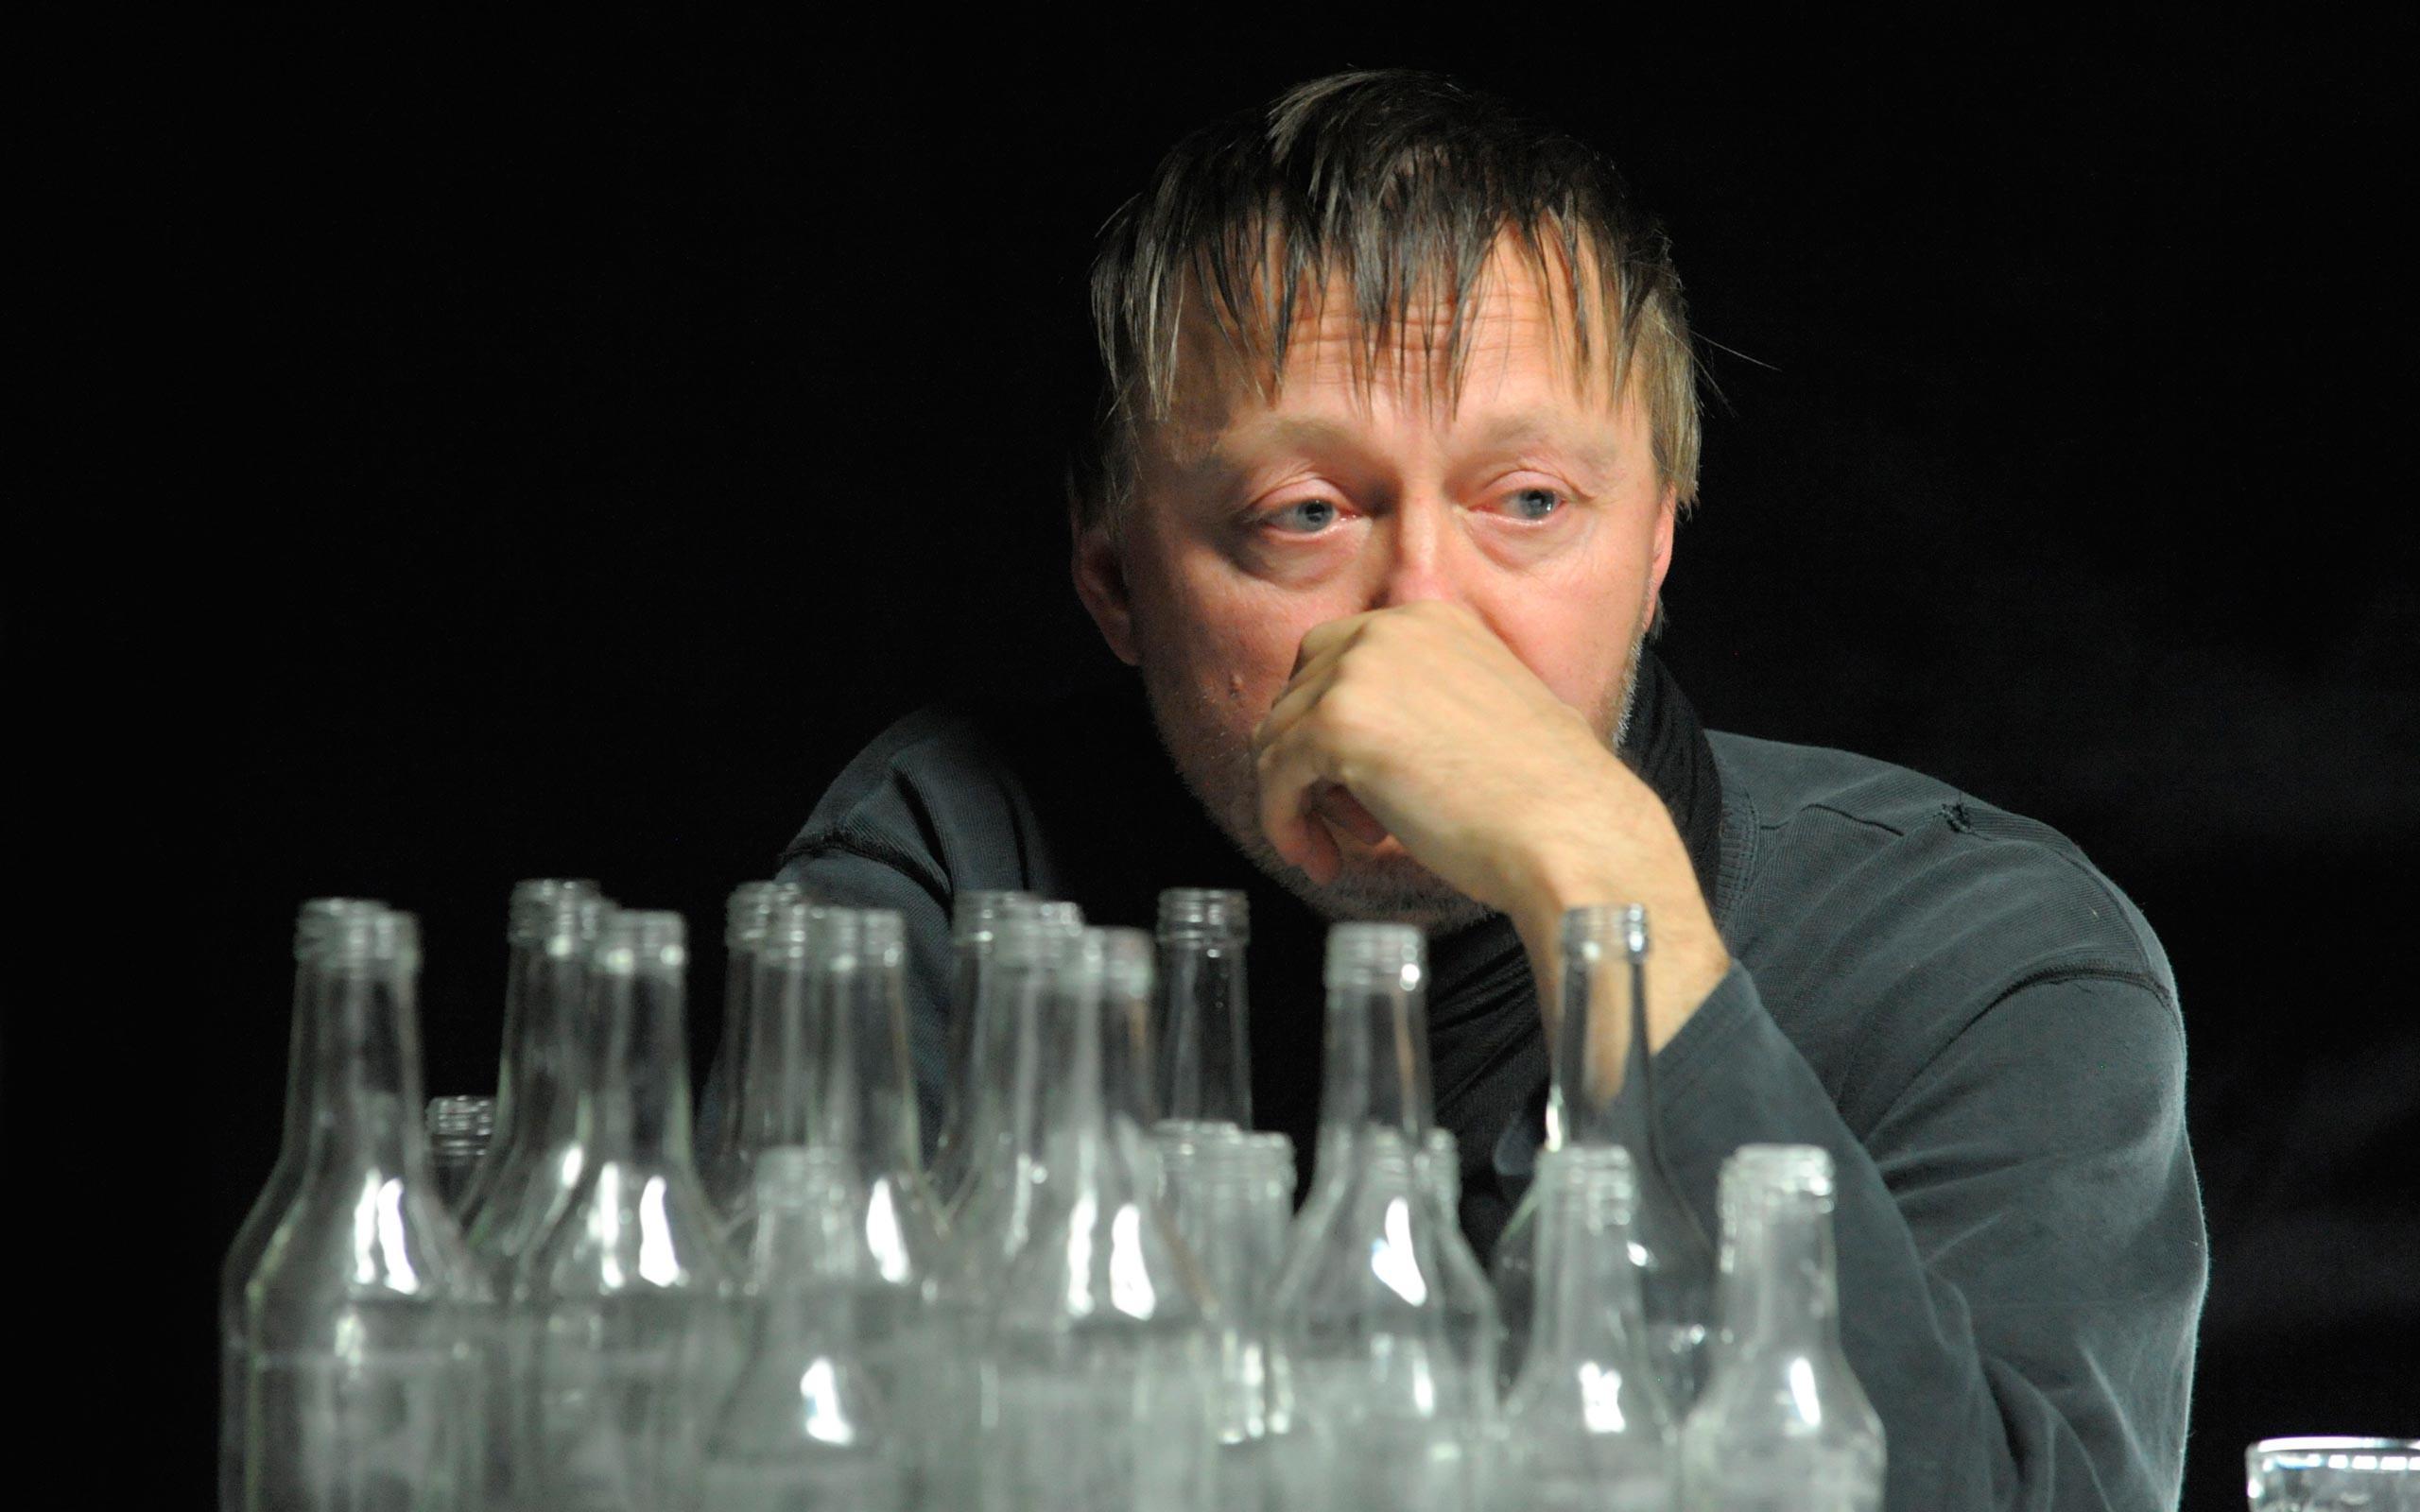 Препараты для кодирования от алкоголизма россиянам больше не нужны